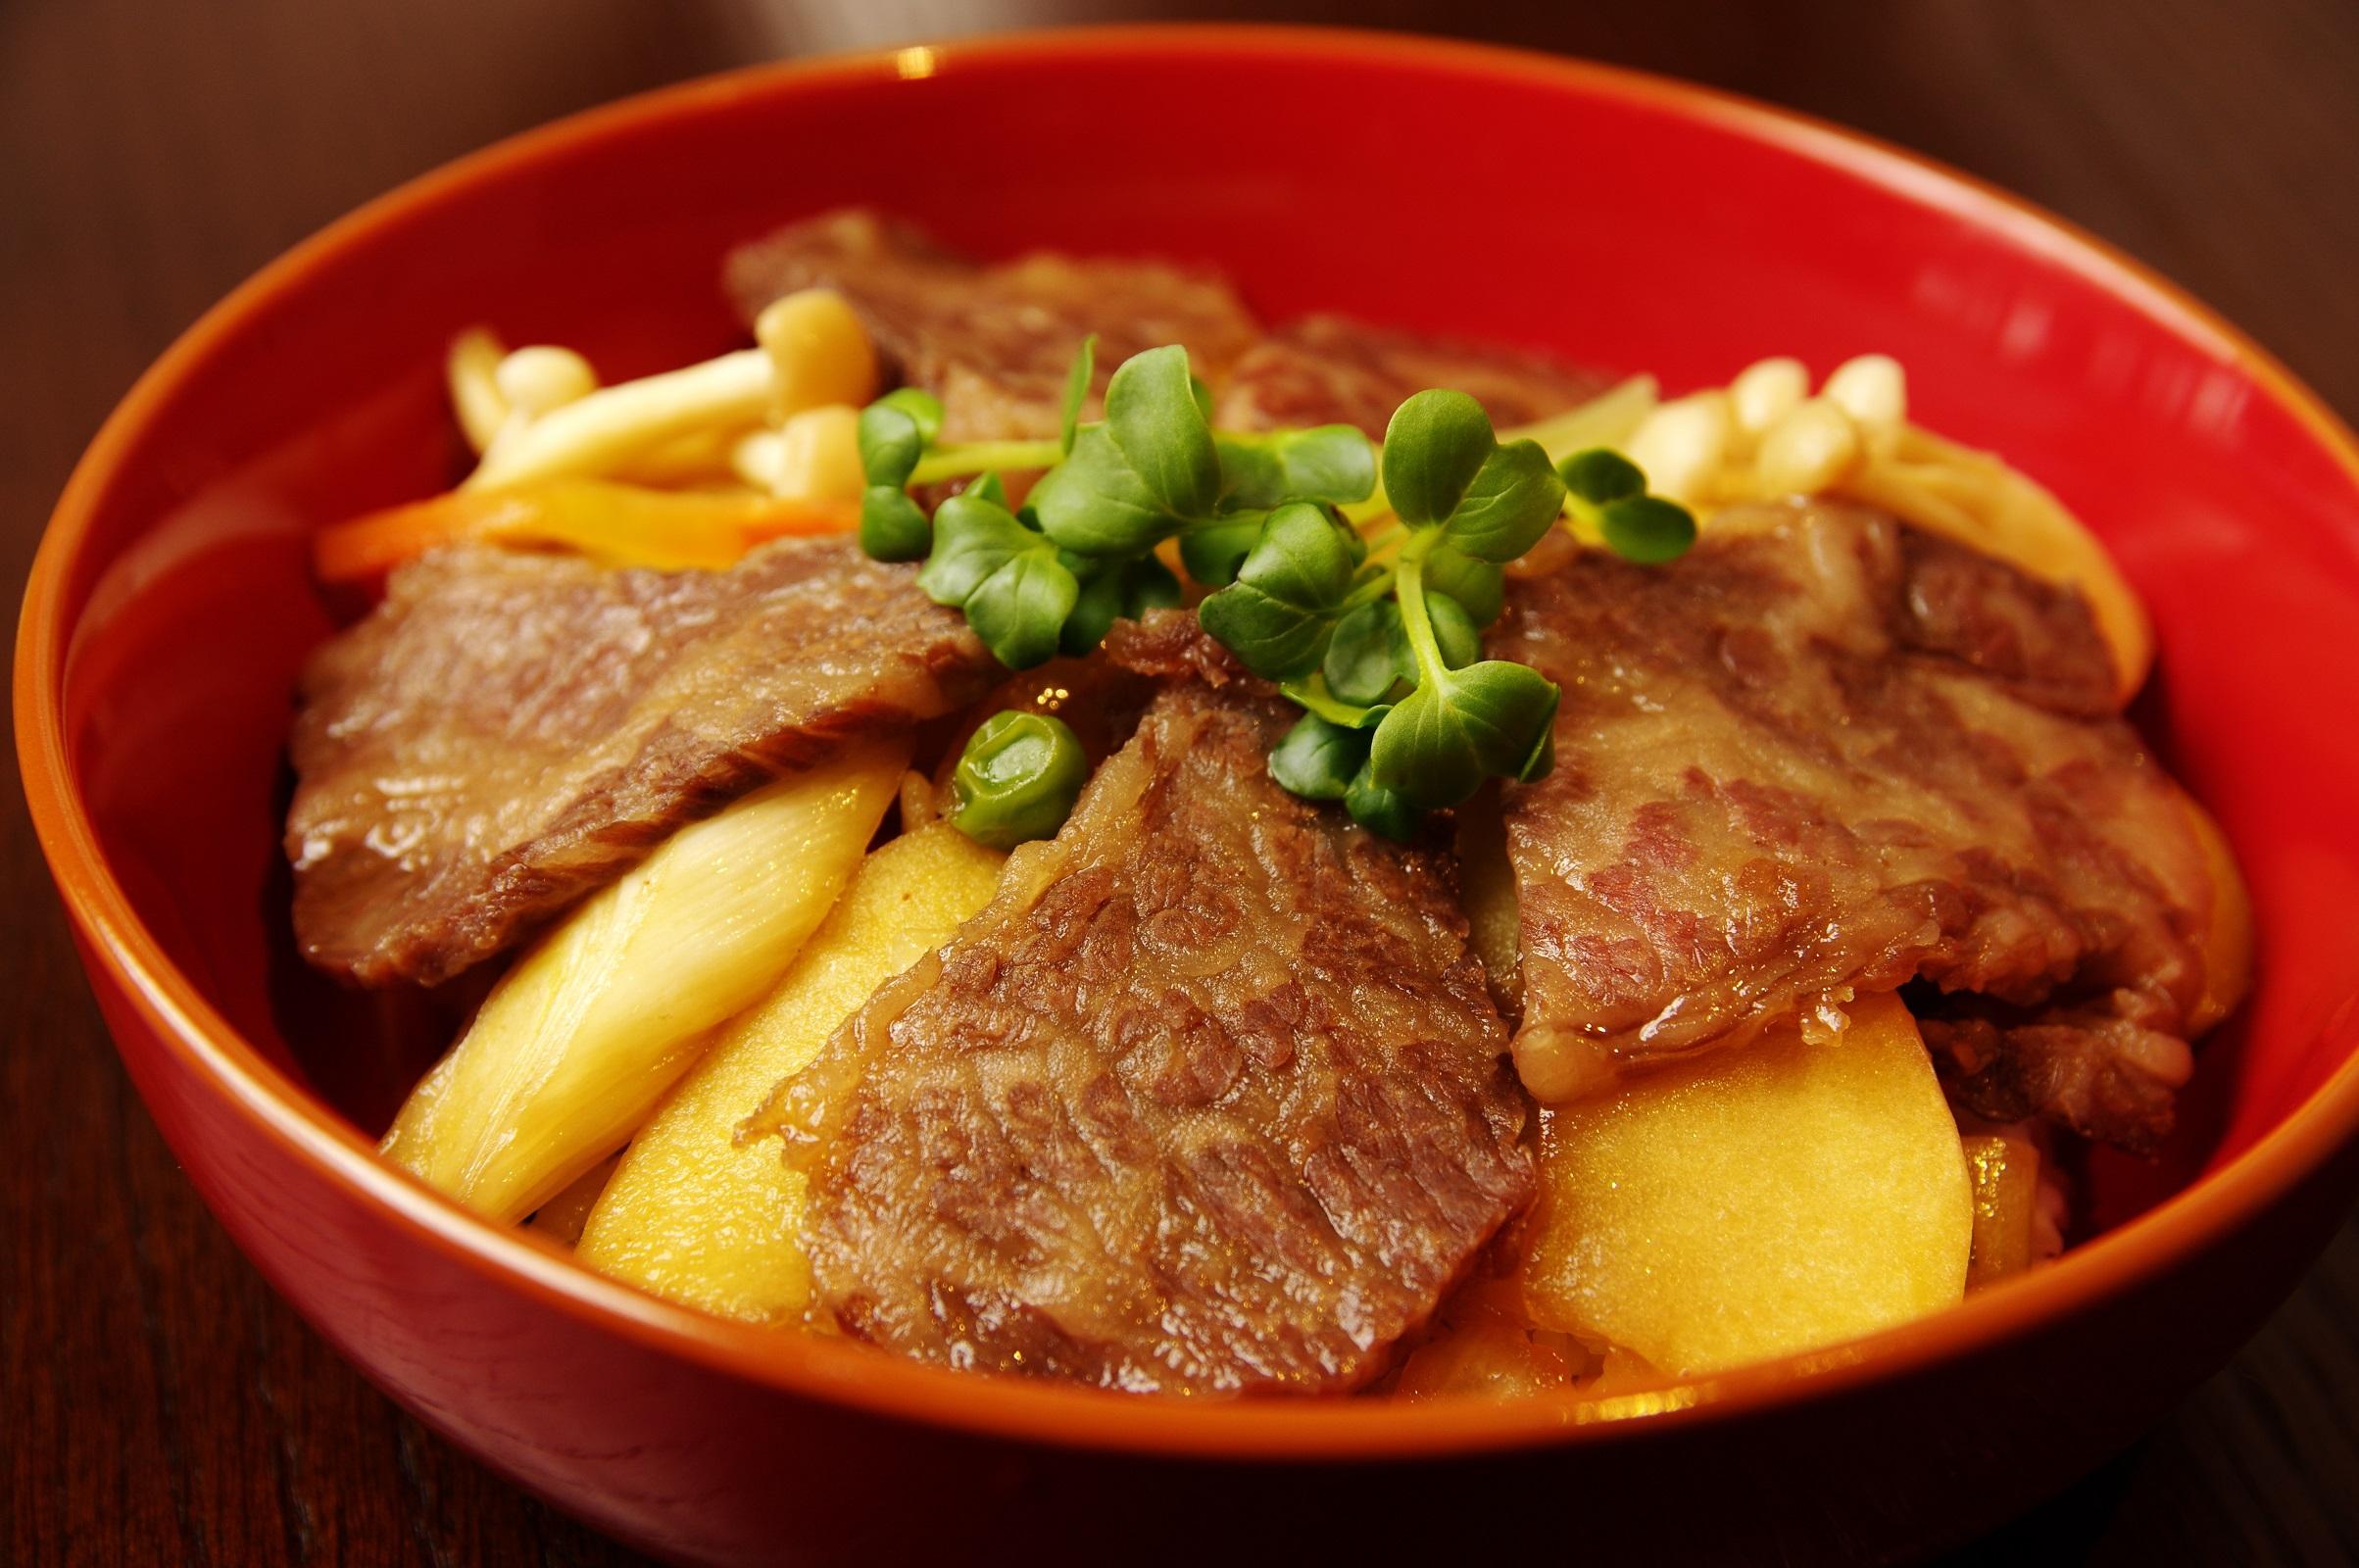 脂肪を燃焼しながら食べる極上カルビ丼とは、これ如何に!?